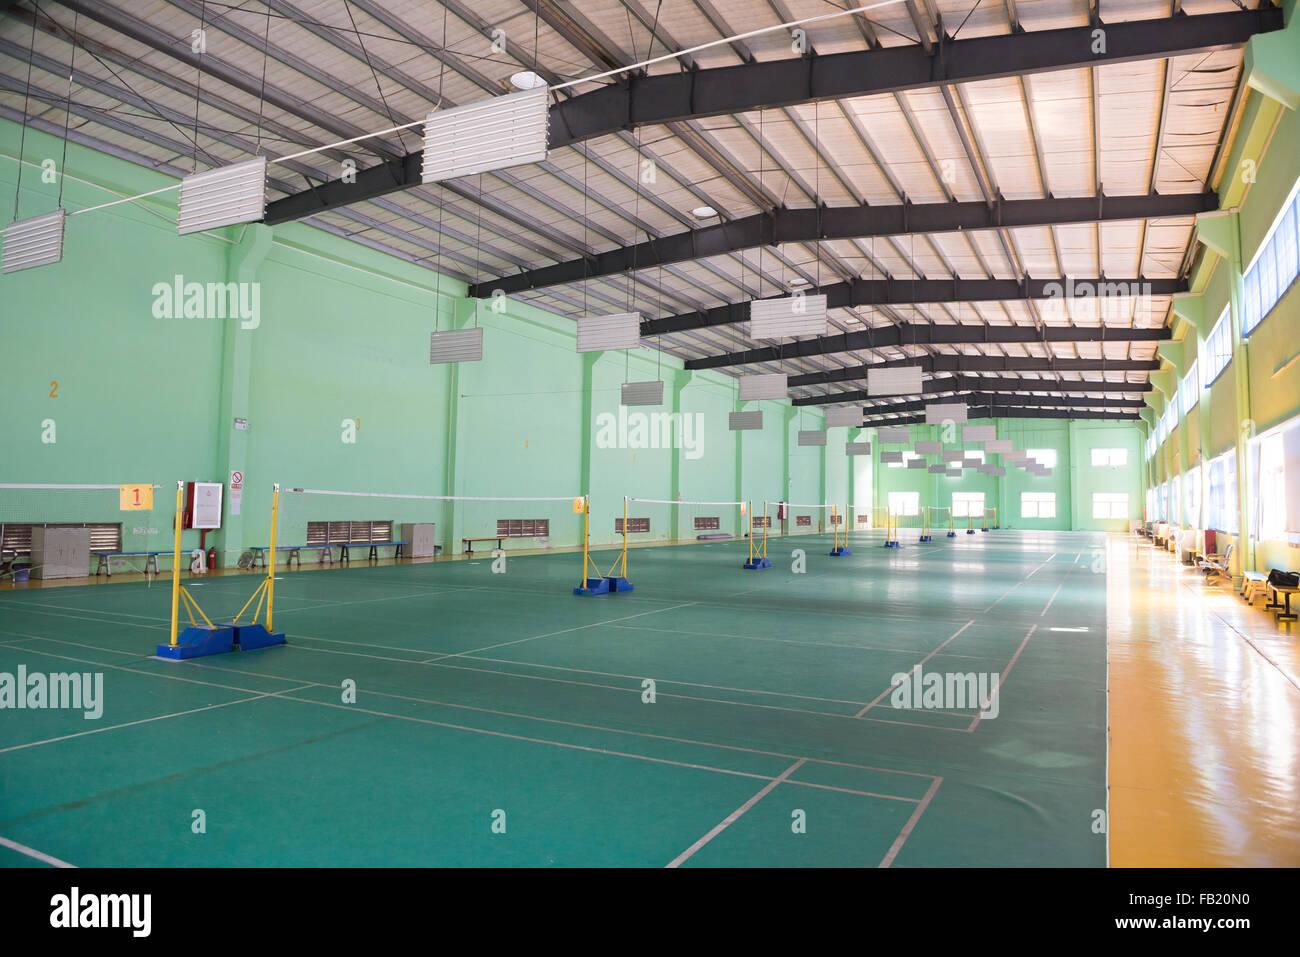 Campi da badminton indoor Immagini Stock